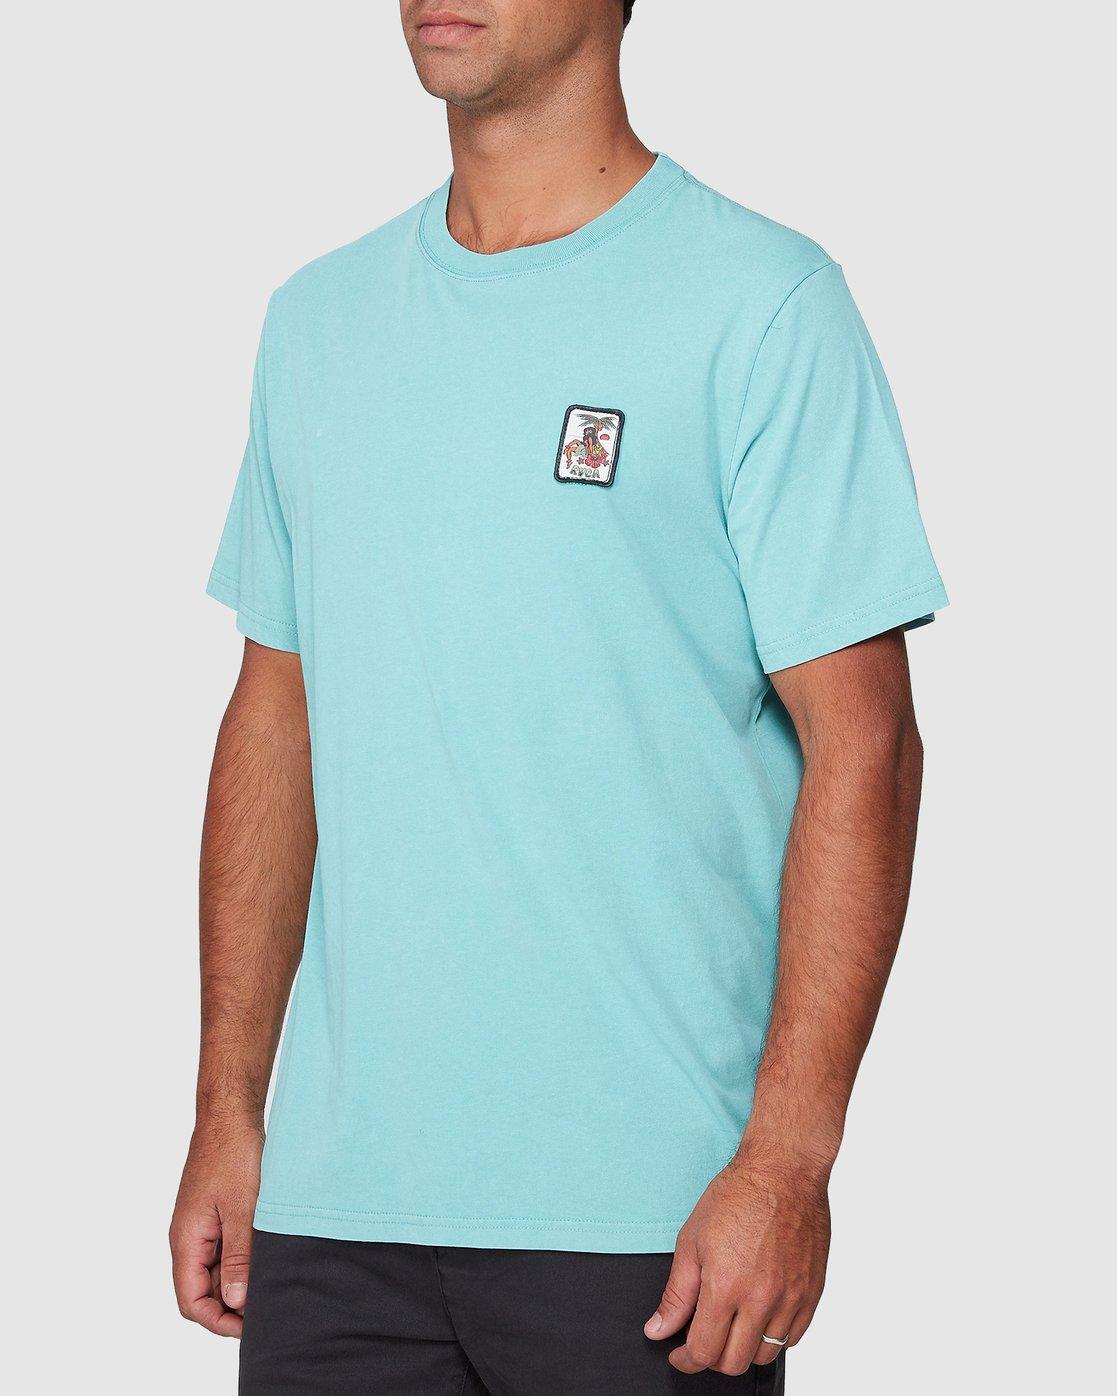 2 DMOTE Aloha Short Sleeve Tee Blue R107065 RVCA